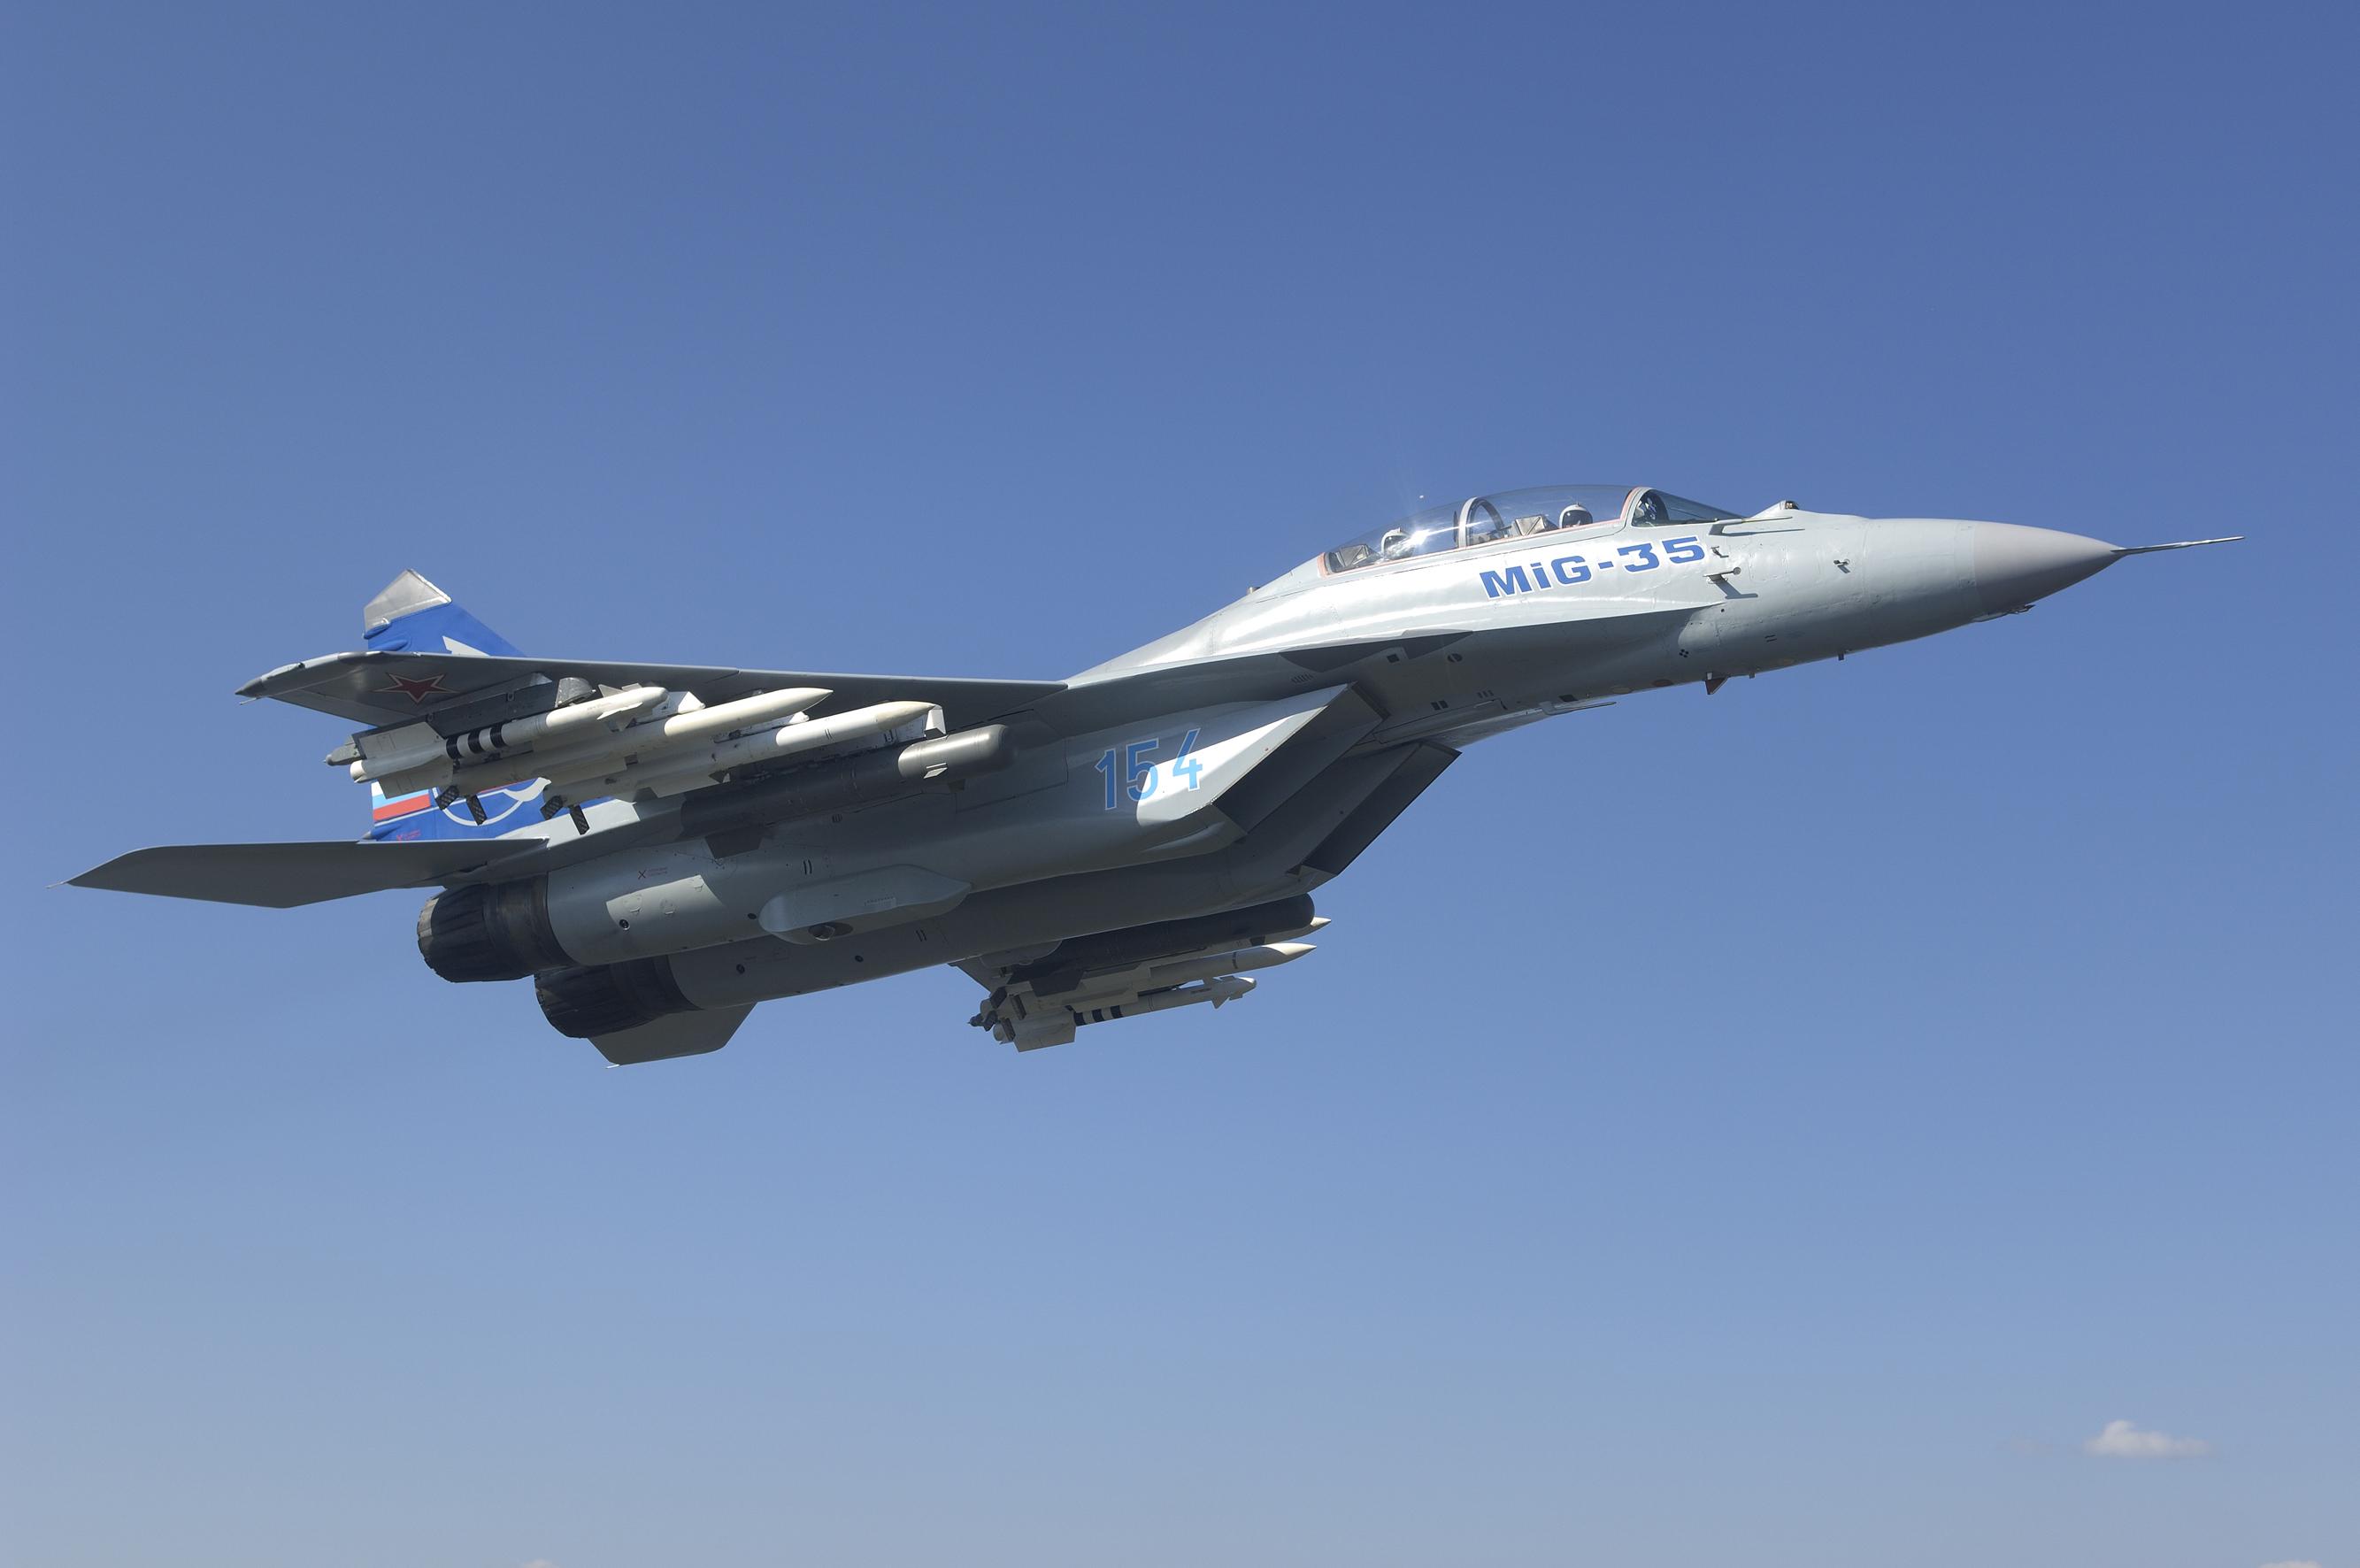 самолет ВВС РФ МиГ-35 Микоян  № 3741501  скачать